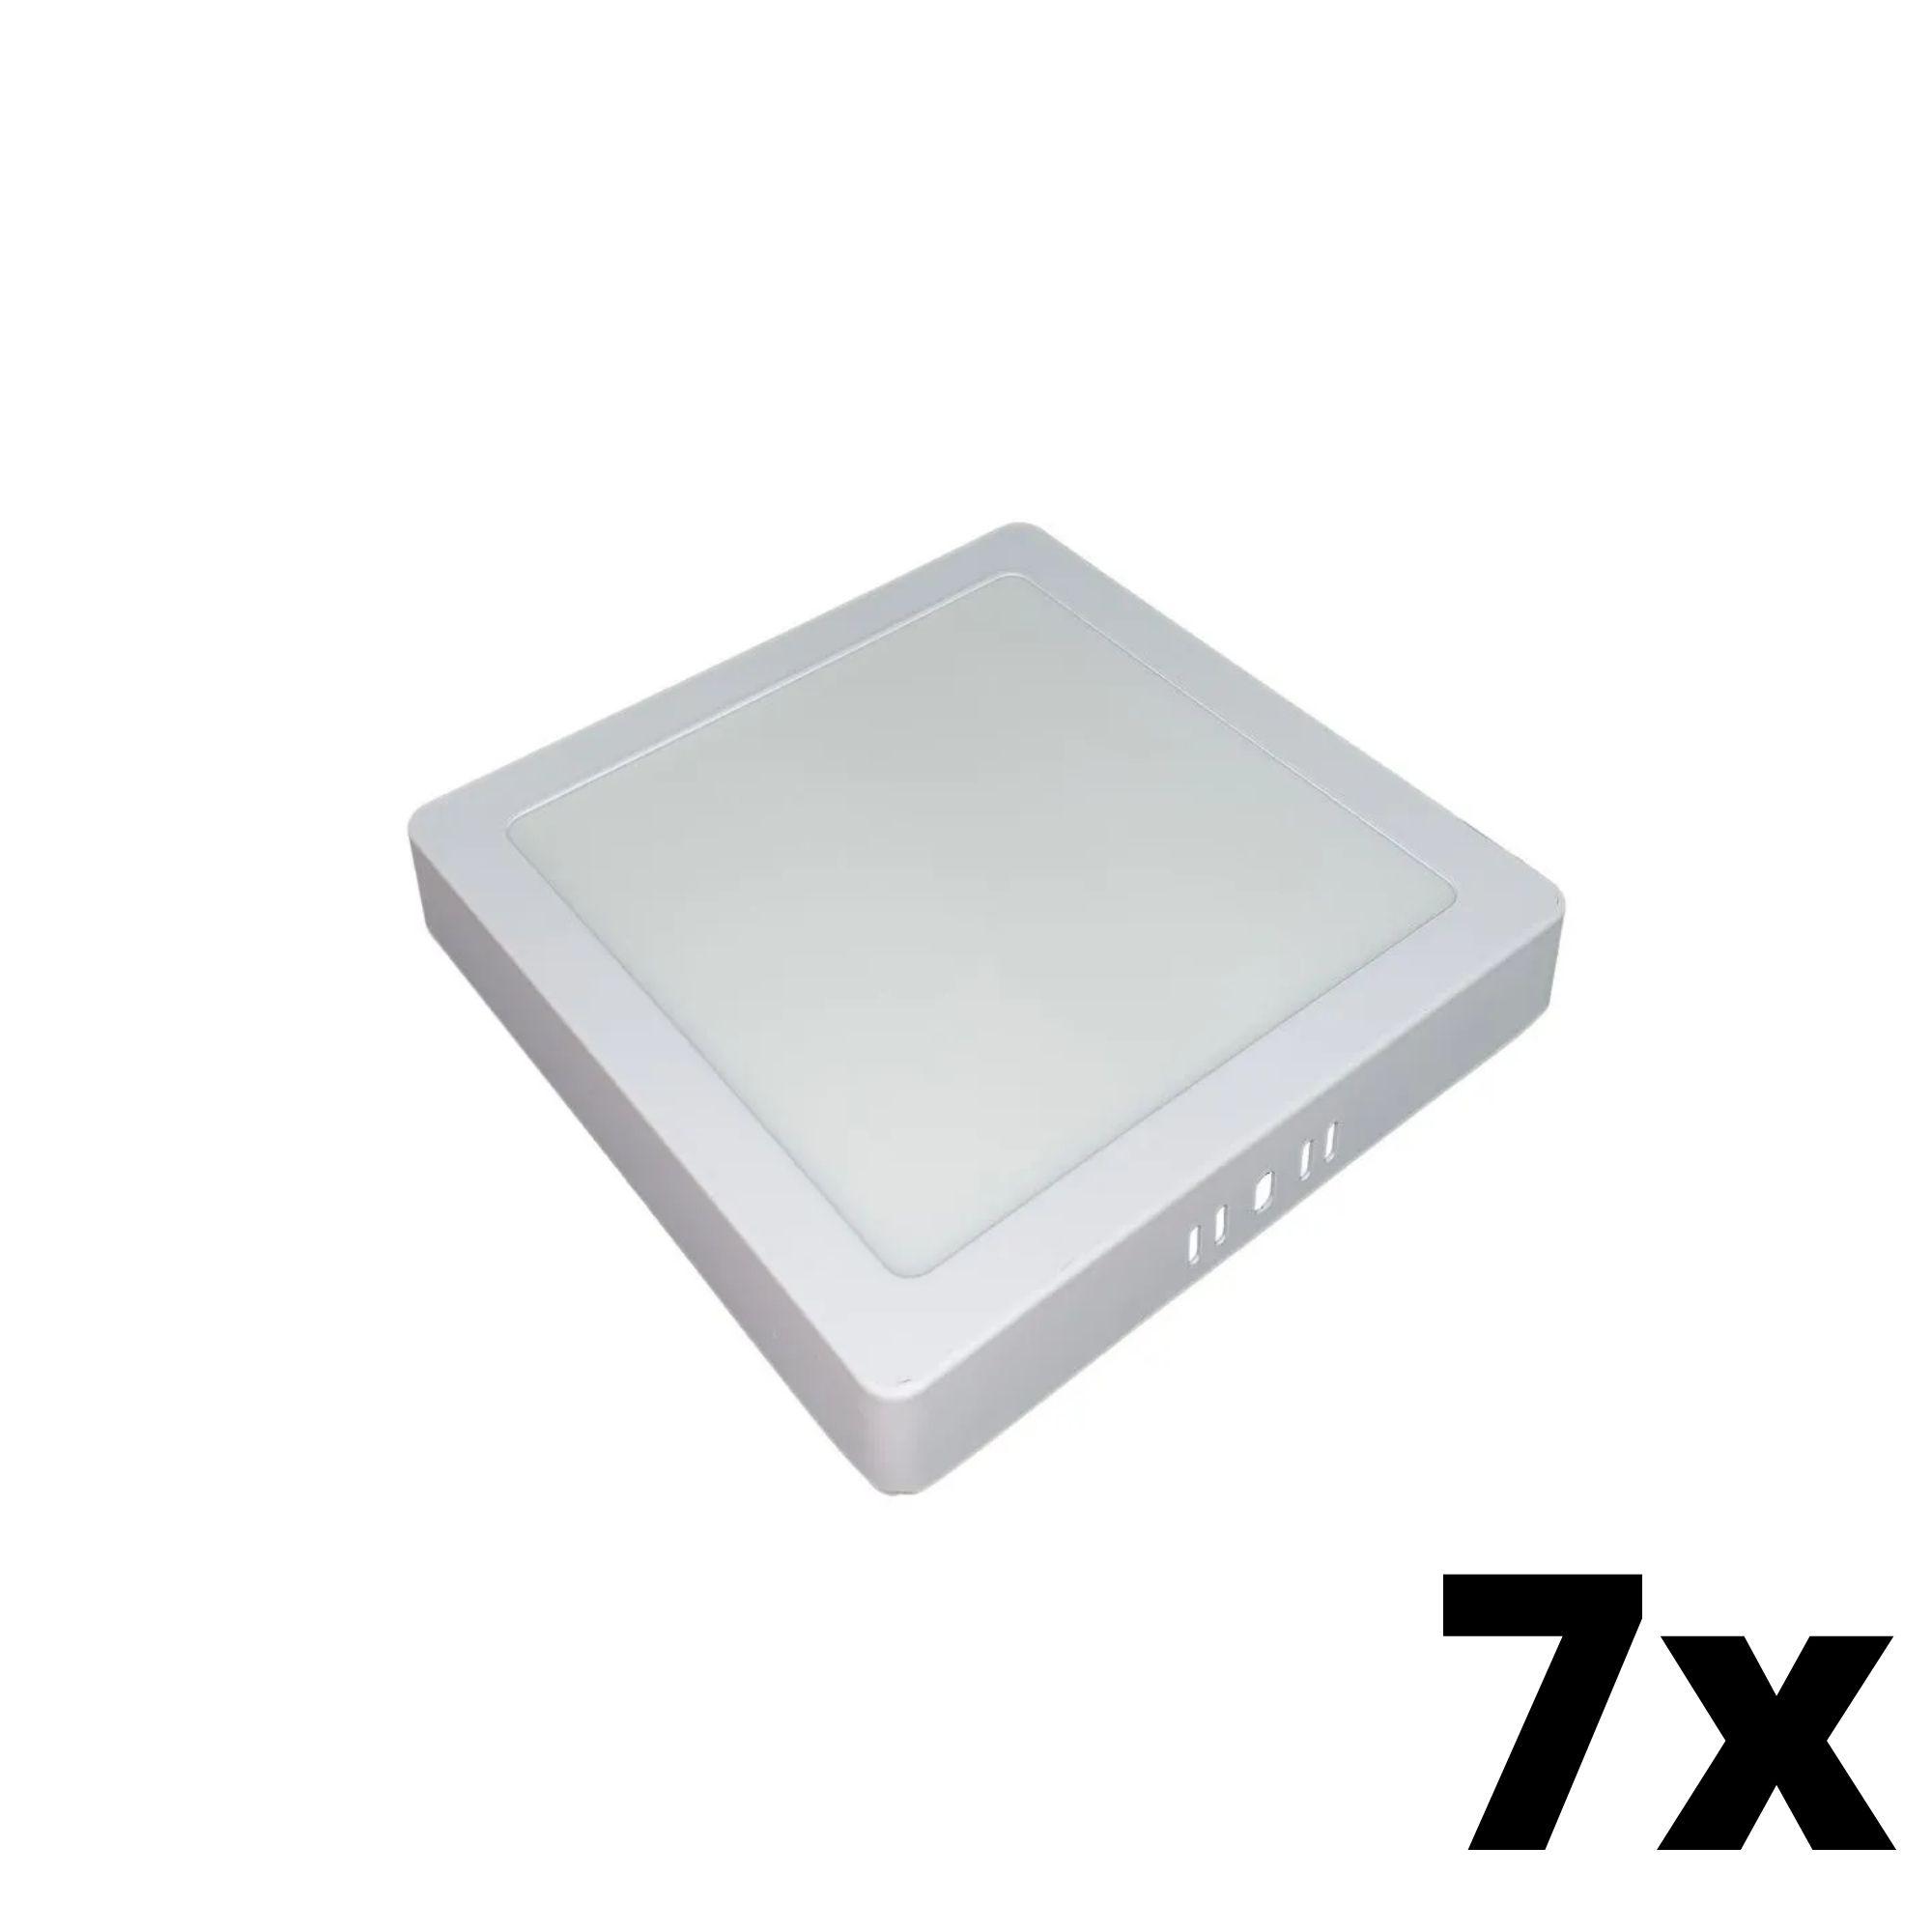 Kit 7 und Painel de Led Sobrepor 12w Quadrado 3000k